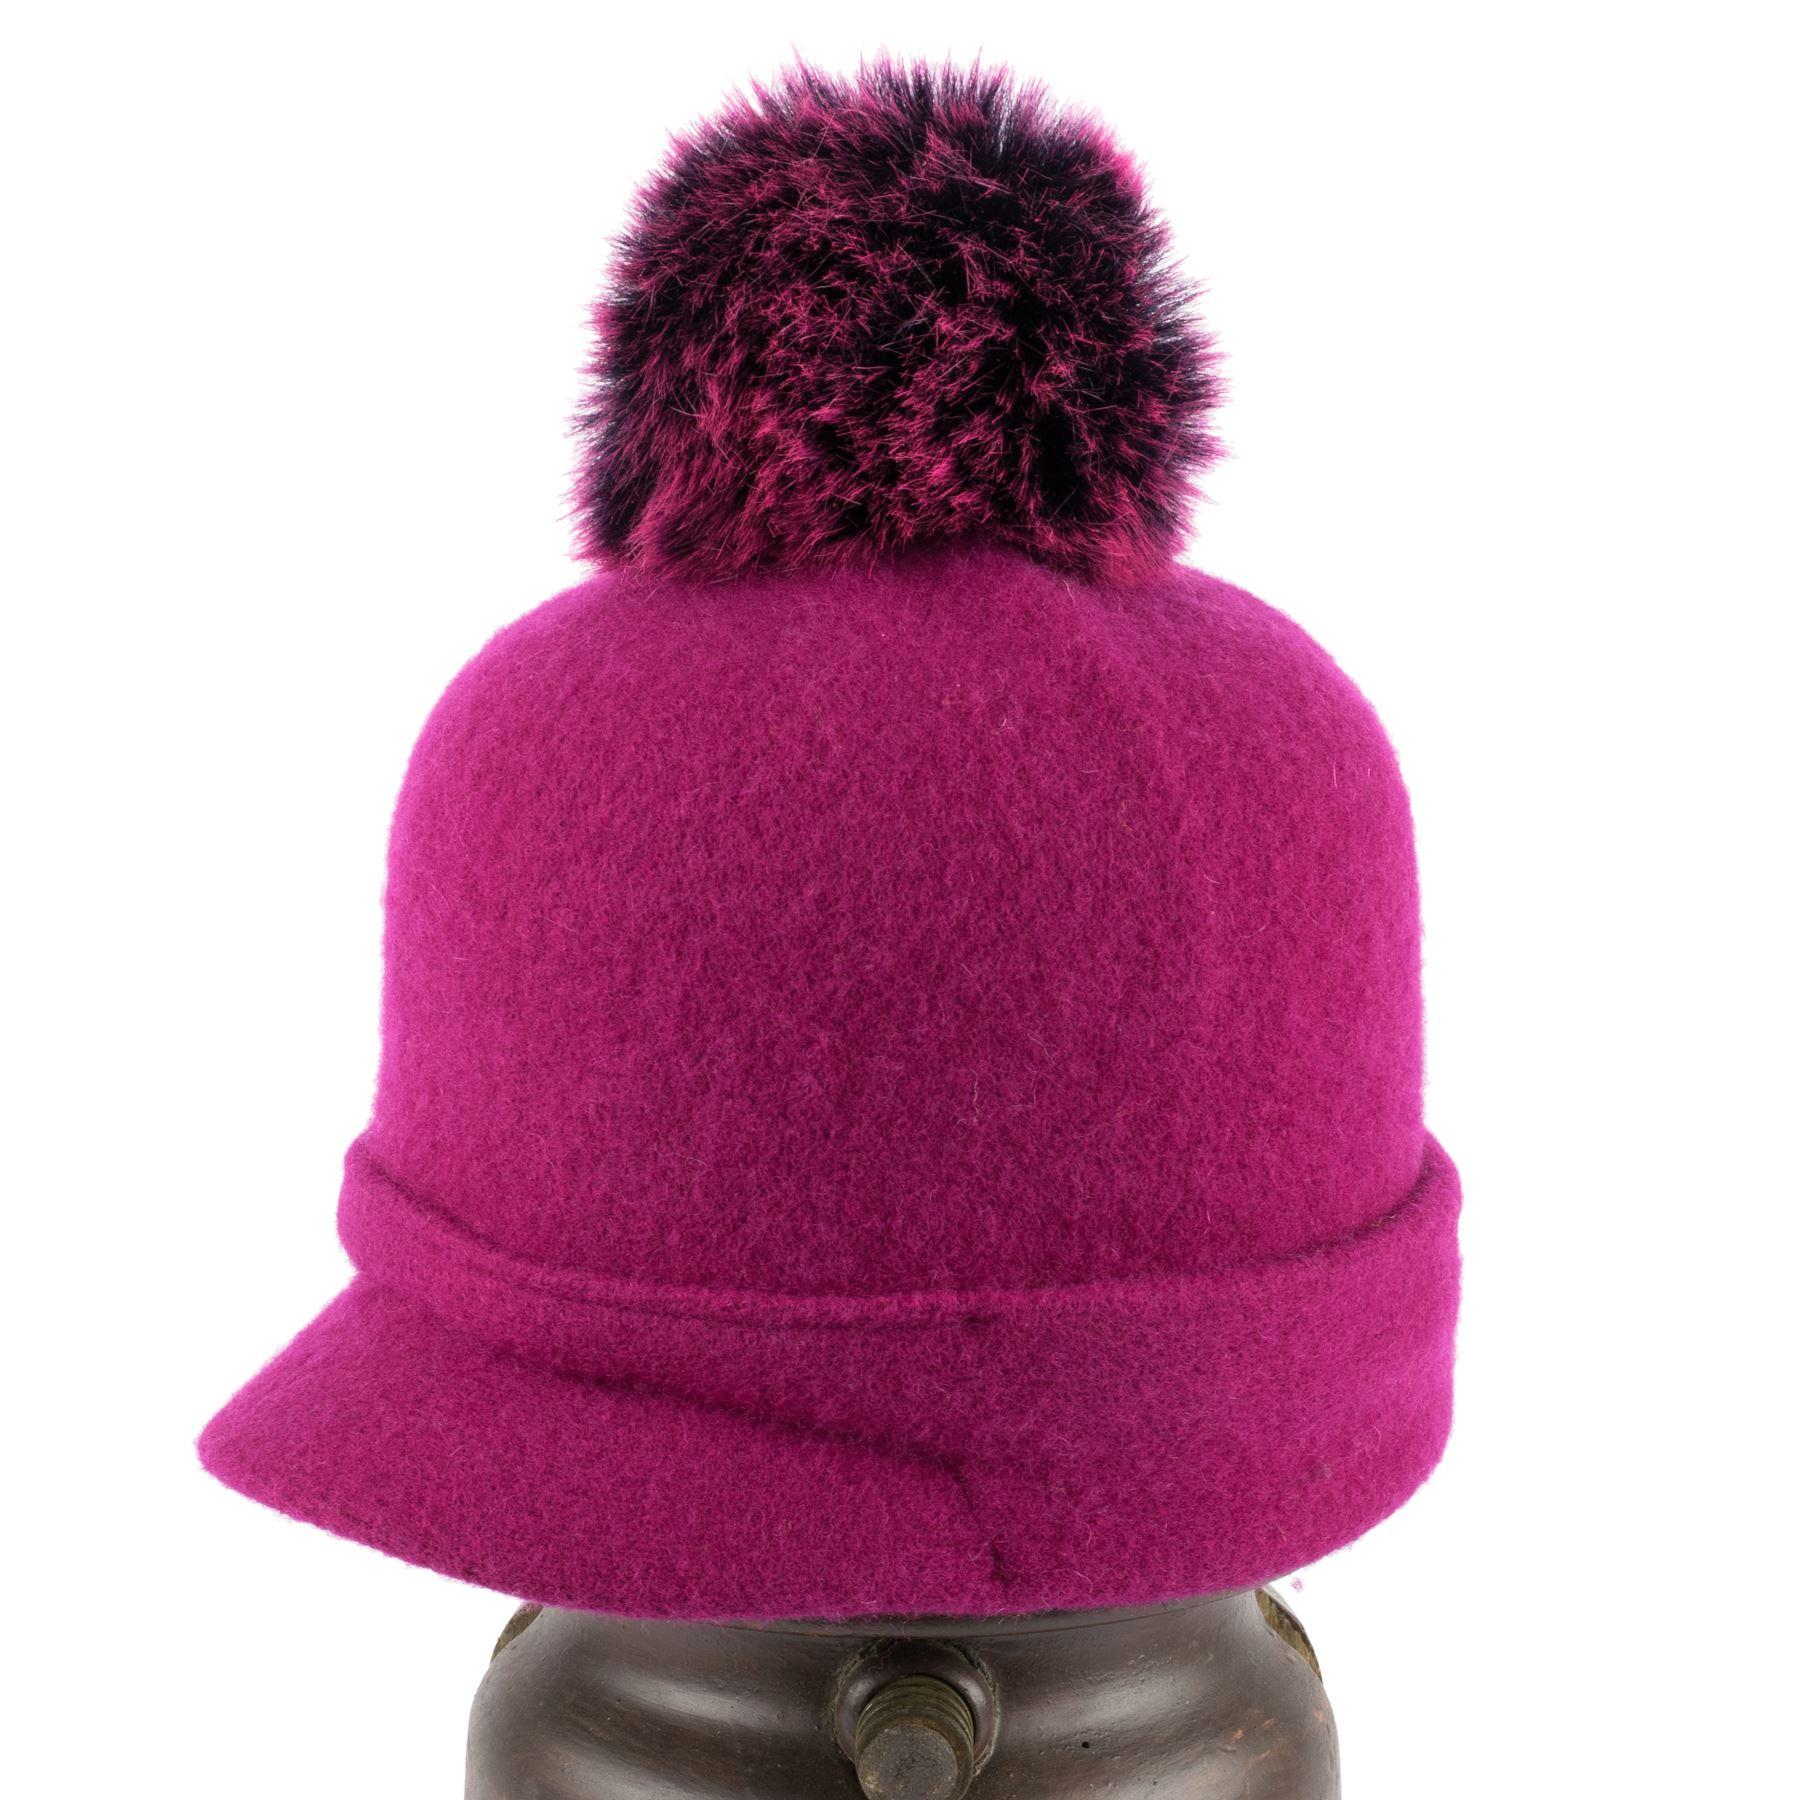 ZAKIRA-Femmes-Bonnet-Chapeau-100-Laine-avec-Pompom